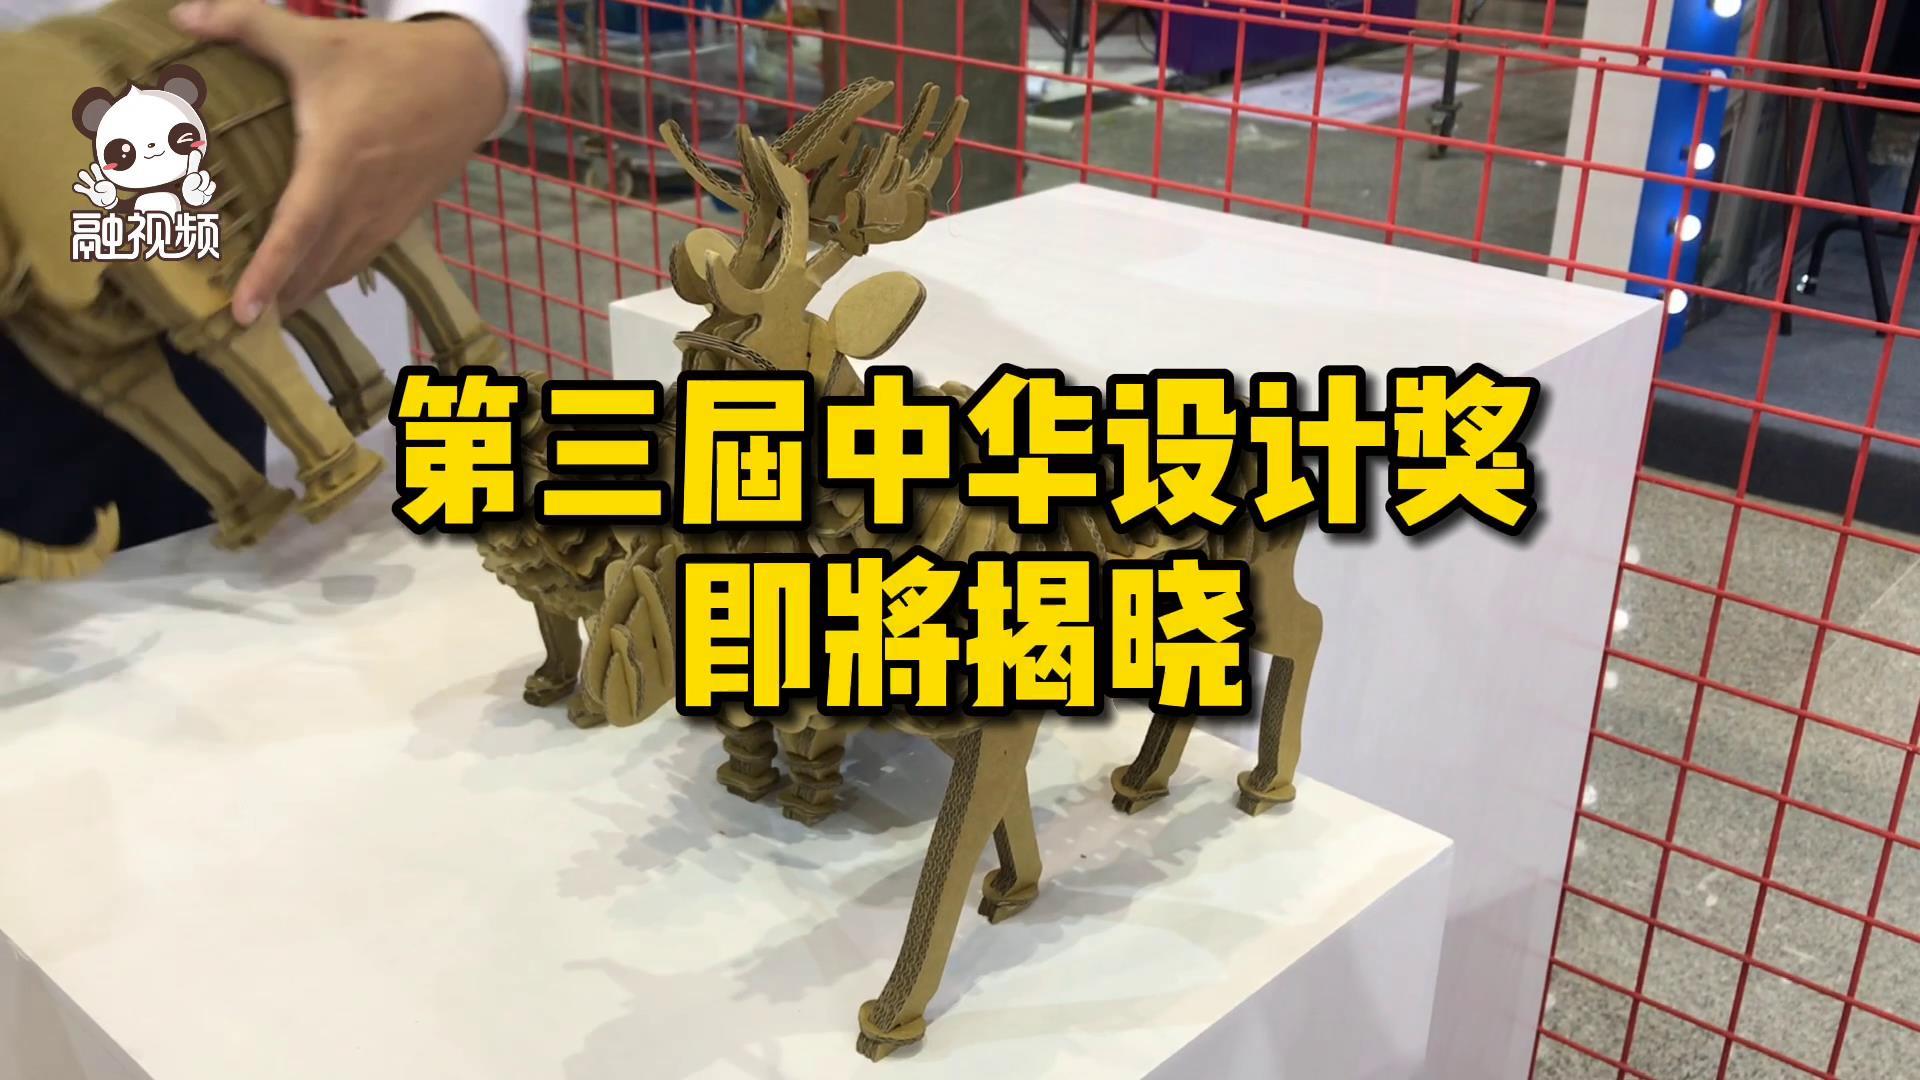 """第三届中华设计奖即将揭晓 精彩创意等你""""开箱""""图片"""